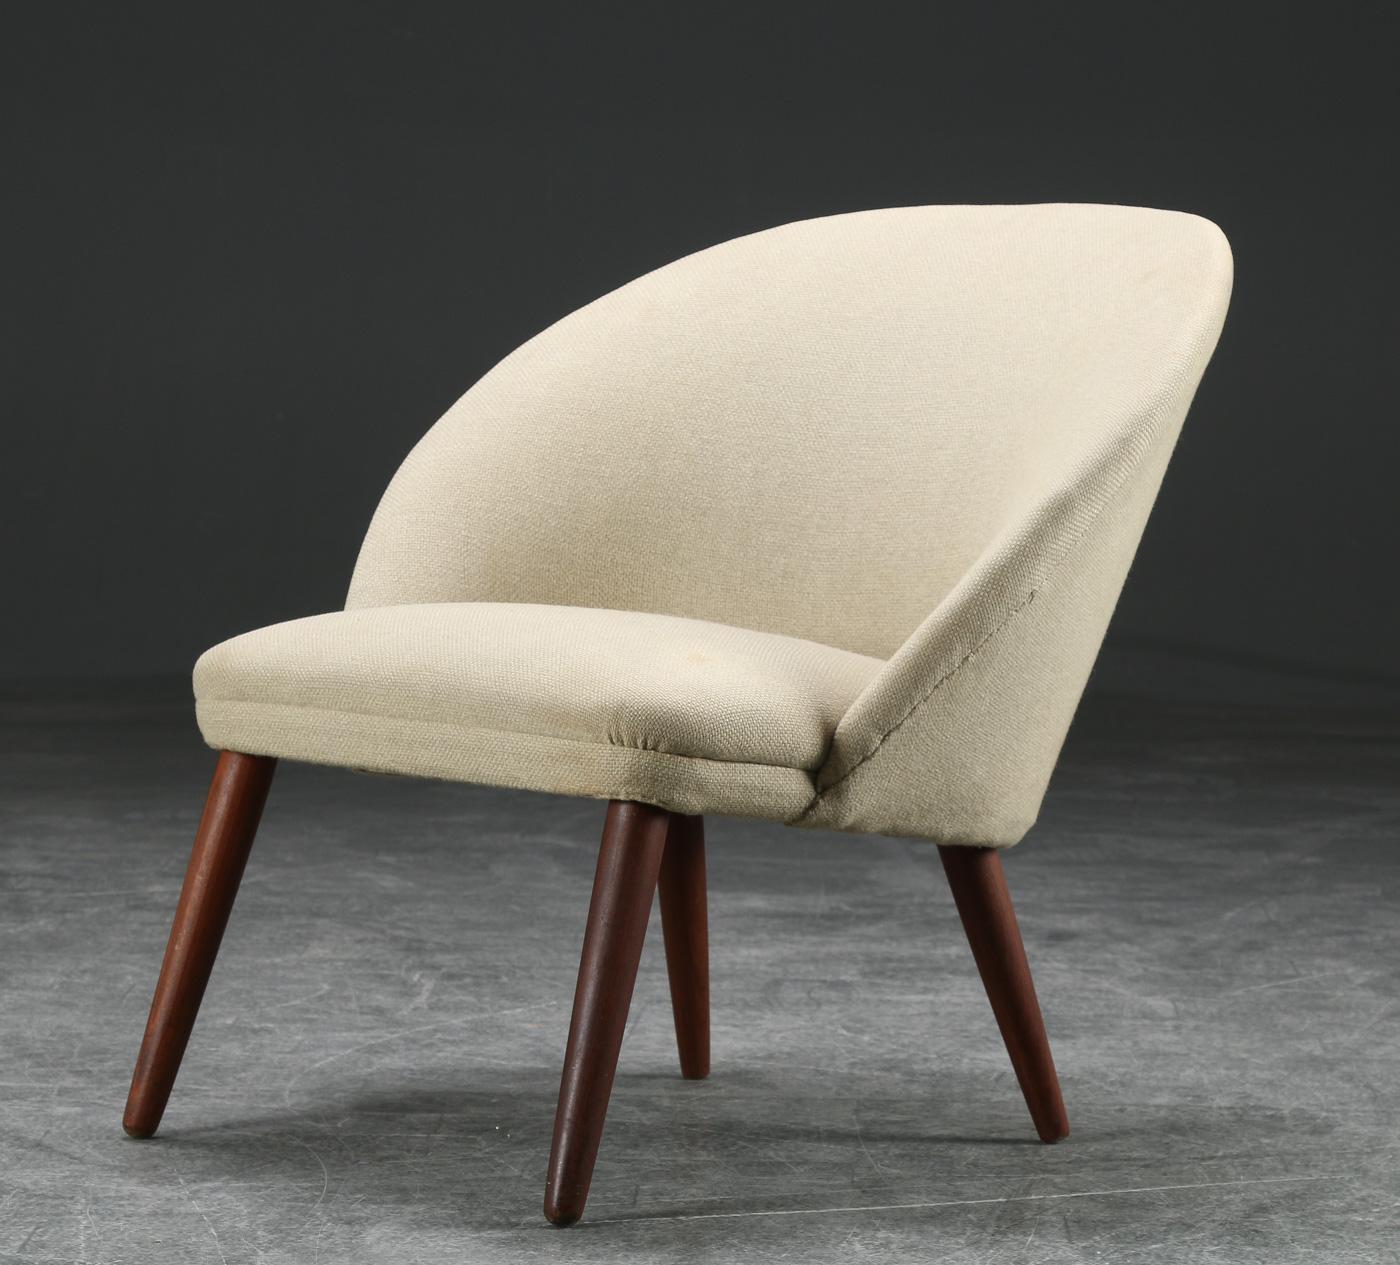 Grydeformet lænestol, teak, 1950erne, dansk møbeldesign - Grydeformet lænestol, betrukket med uld, runde tilspidsede ben af massiv teak. 1950erne, dansk møbeldesign. Alm. brugsspor